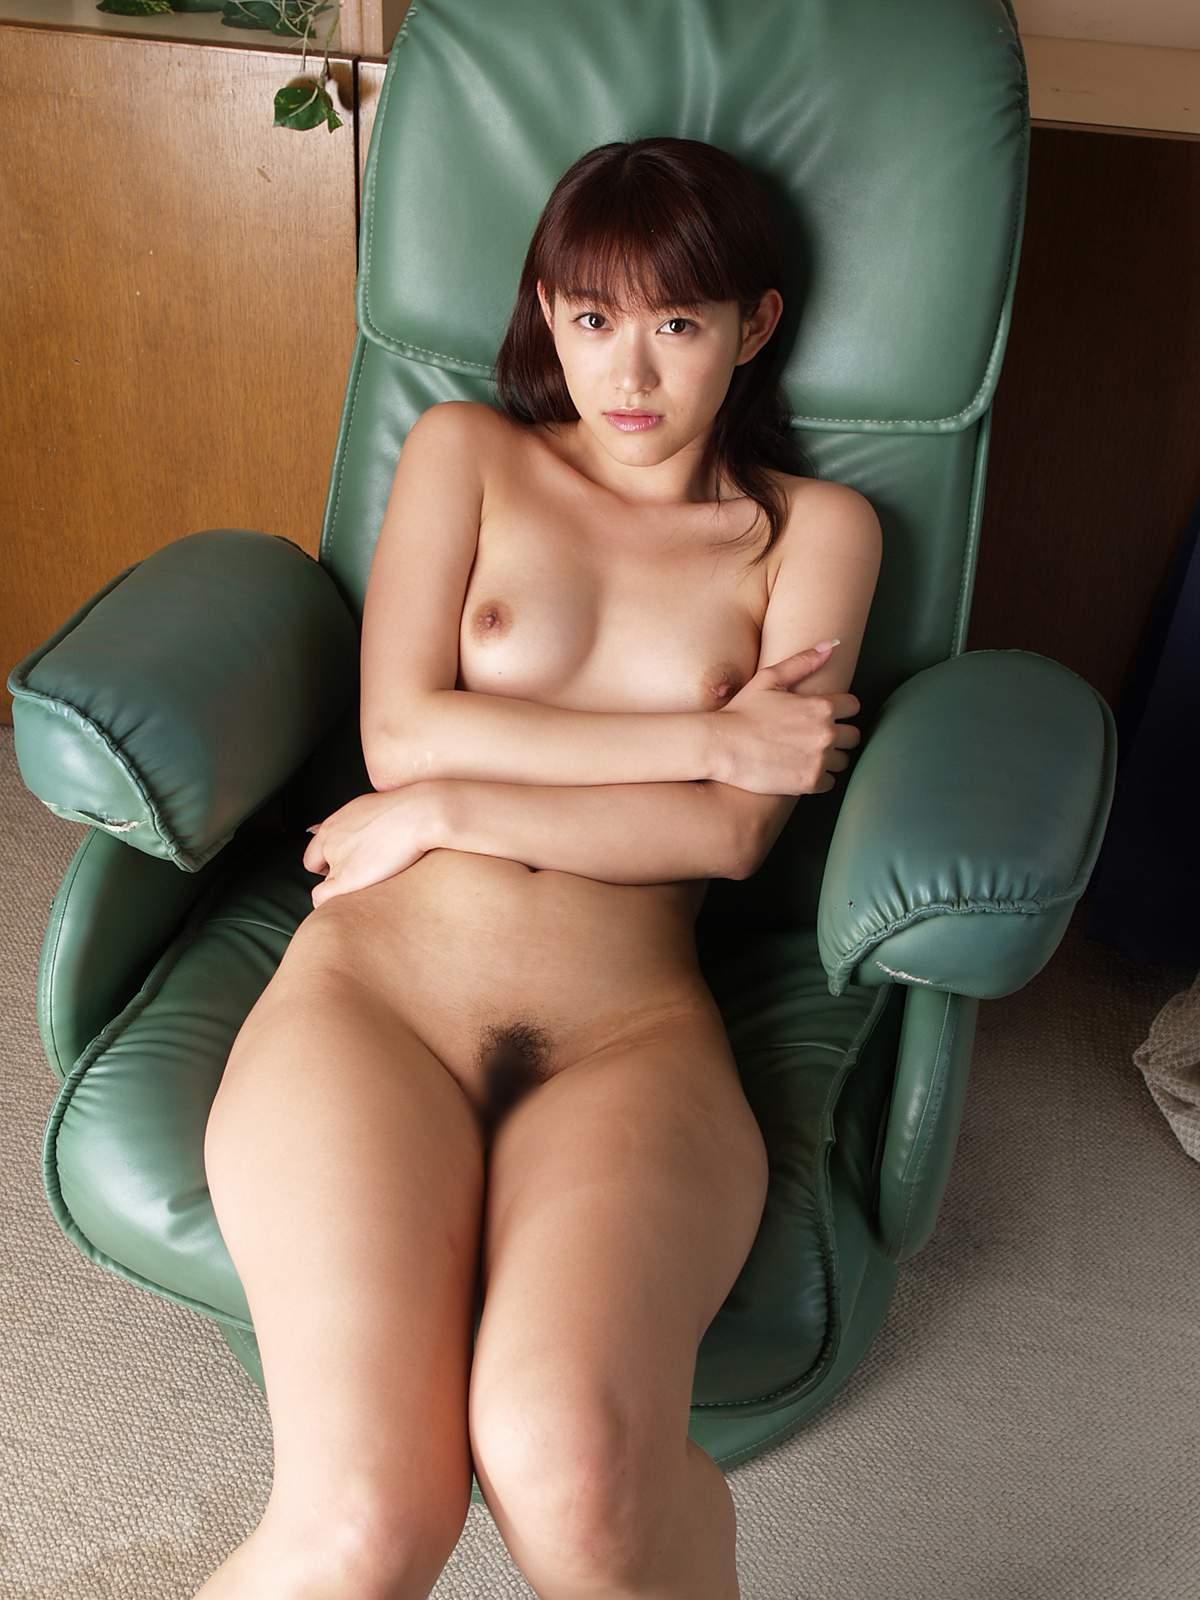 三次元 3次元 エロ画像 AV女優 西野翔 ヌード べっぴん娘通信 102